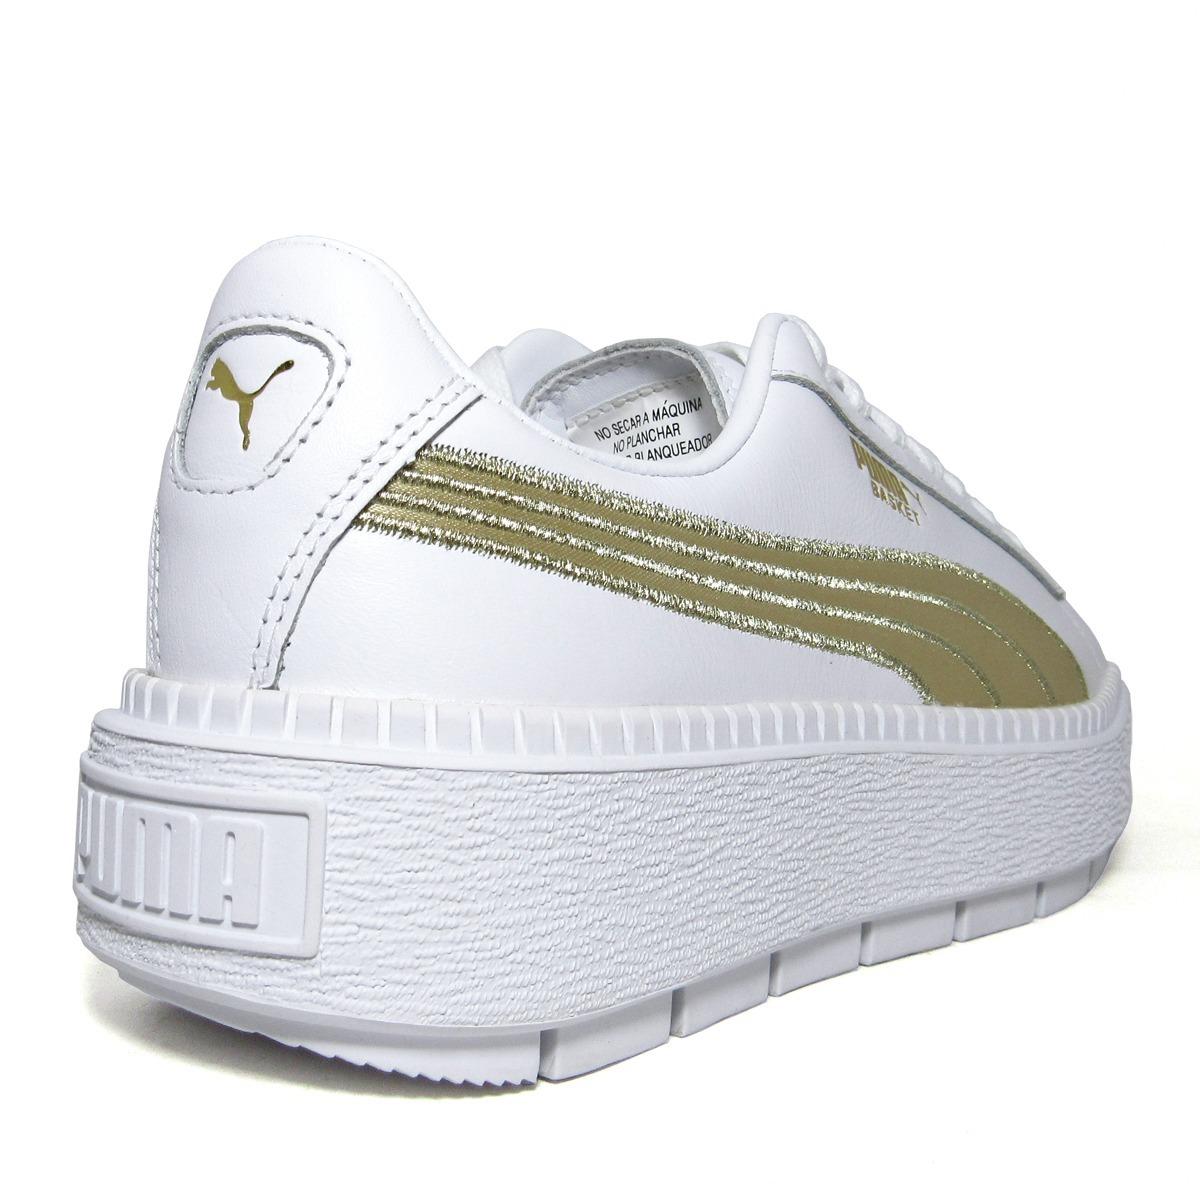 8bd1c1a14df zapatillas puma platform trace varsity wn´s mujer. Cargando zoom.